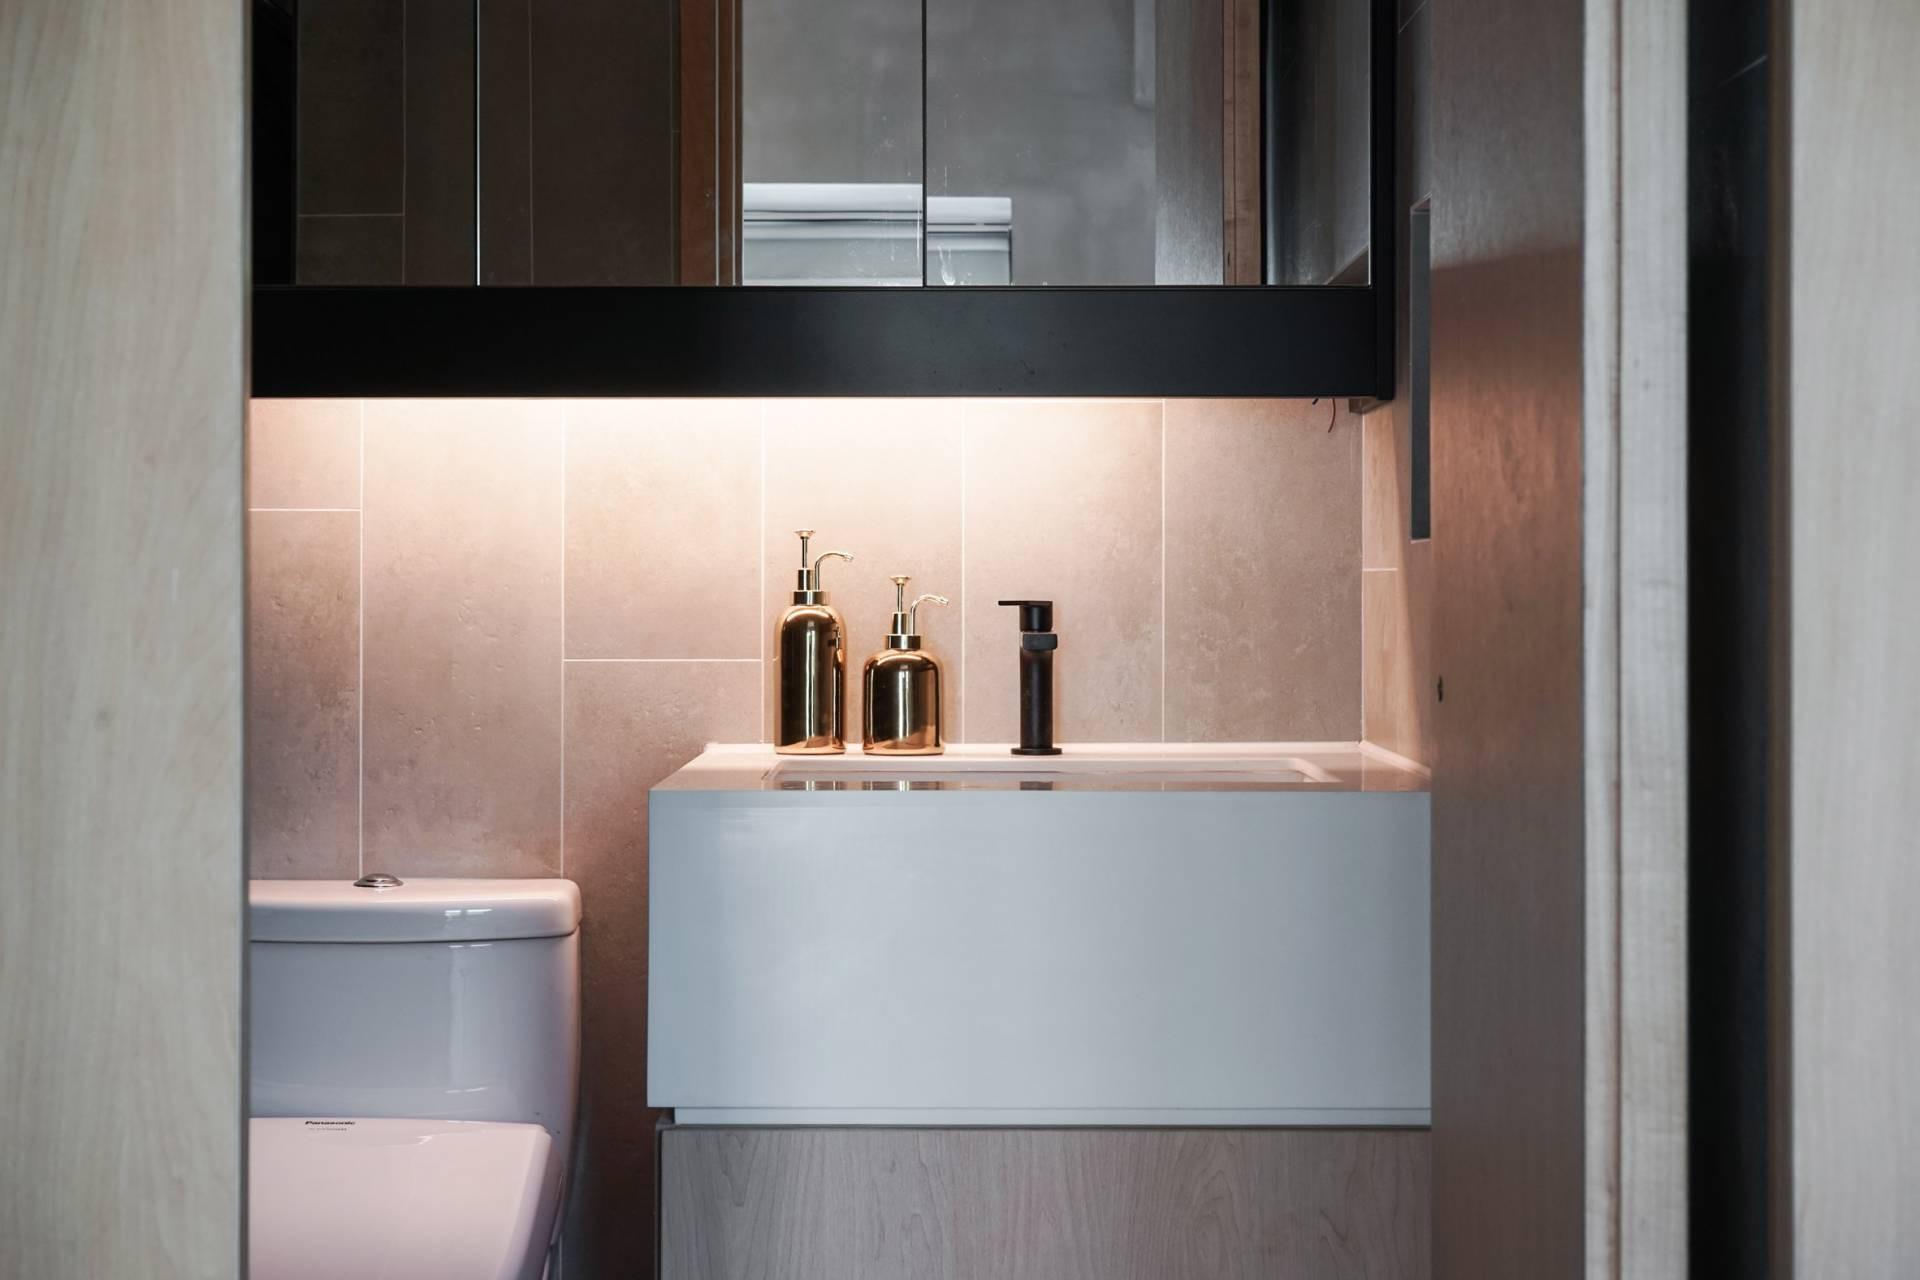 Baño y gabinetes superiores